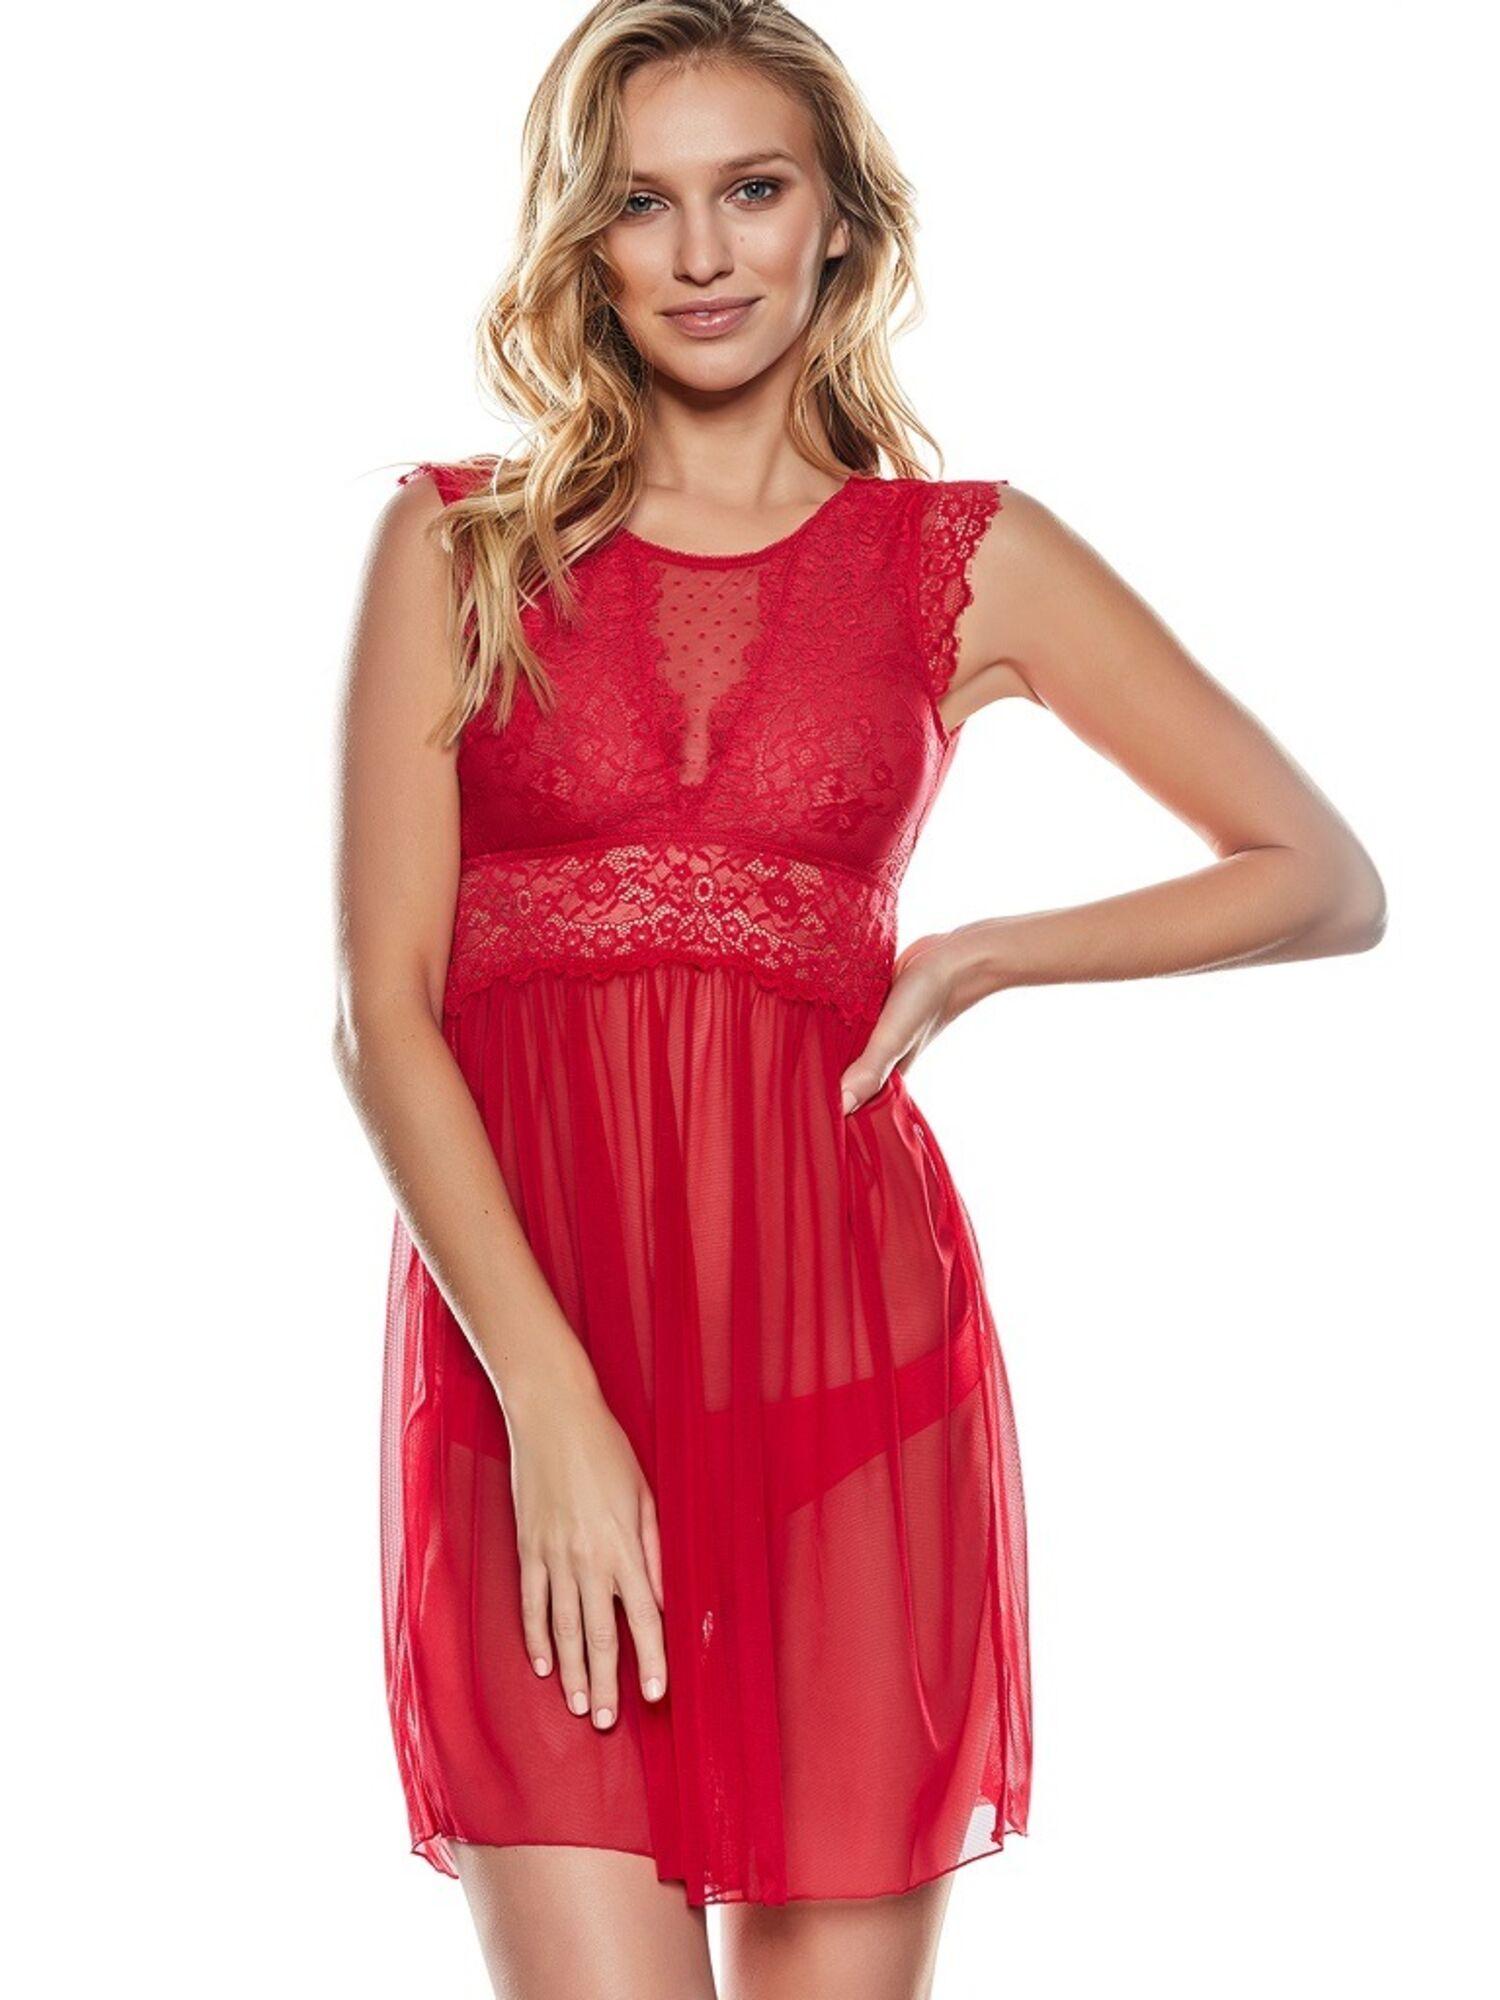 Женская сорочка 37132 LILU красная, Esotiq (Польша)